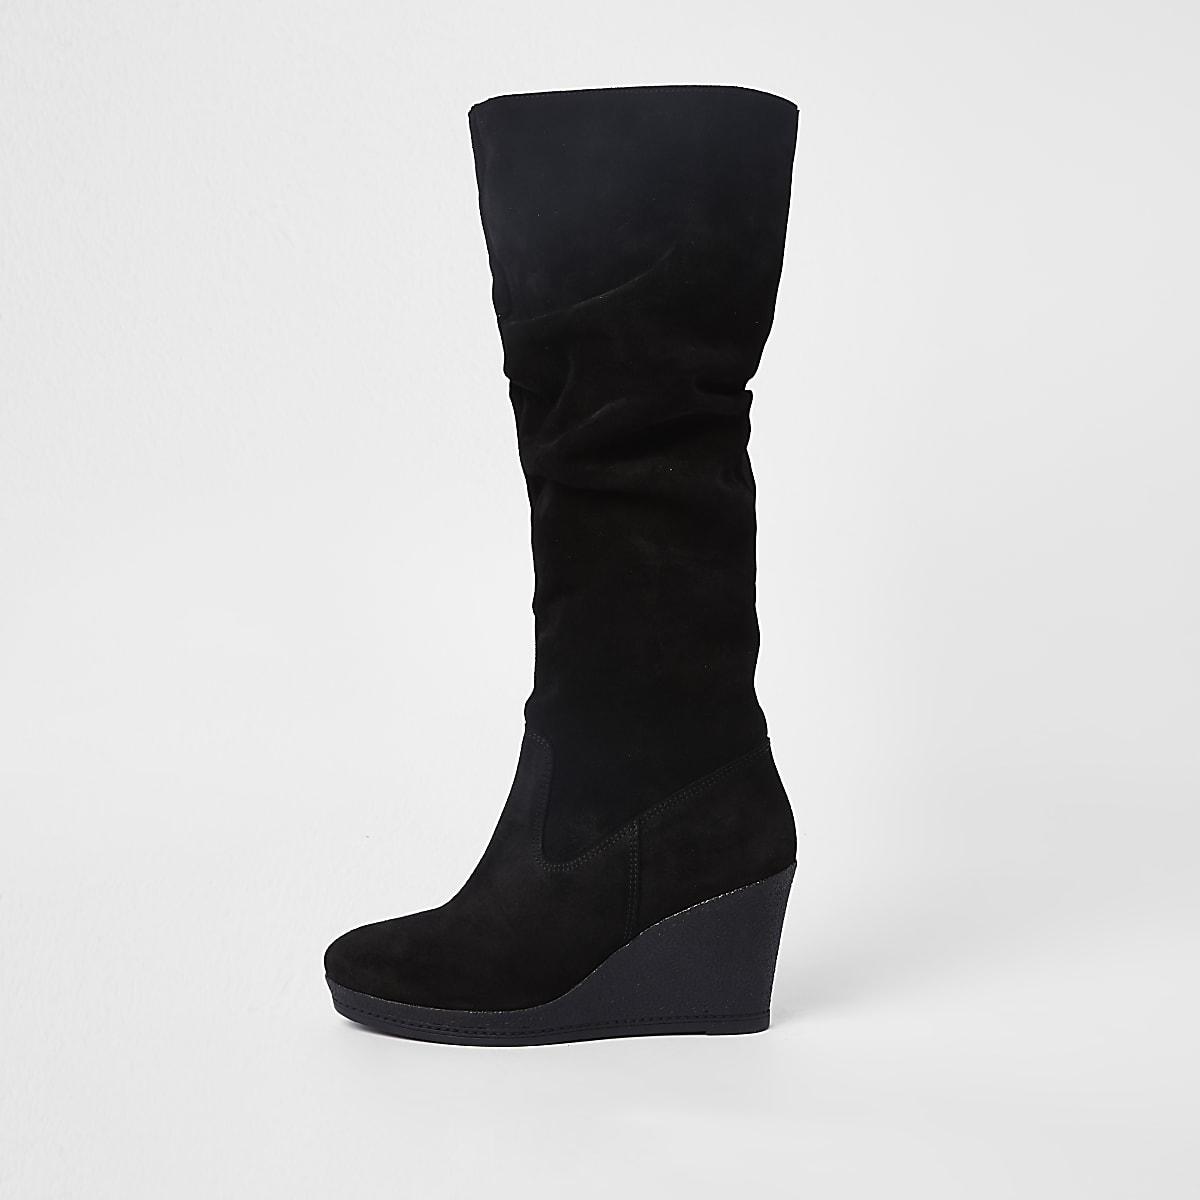 068e97400c3 Zwarte suède kniehoge laarzen met sleehak Zwarte suède kniehoge laarzen met  sleehak ...